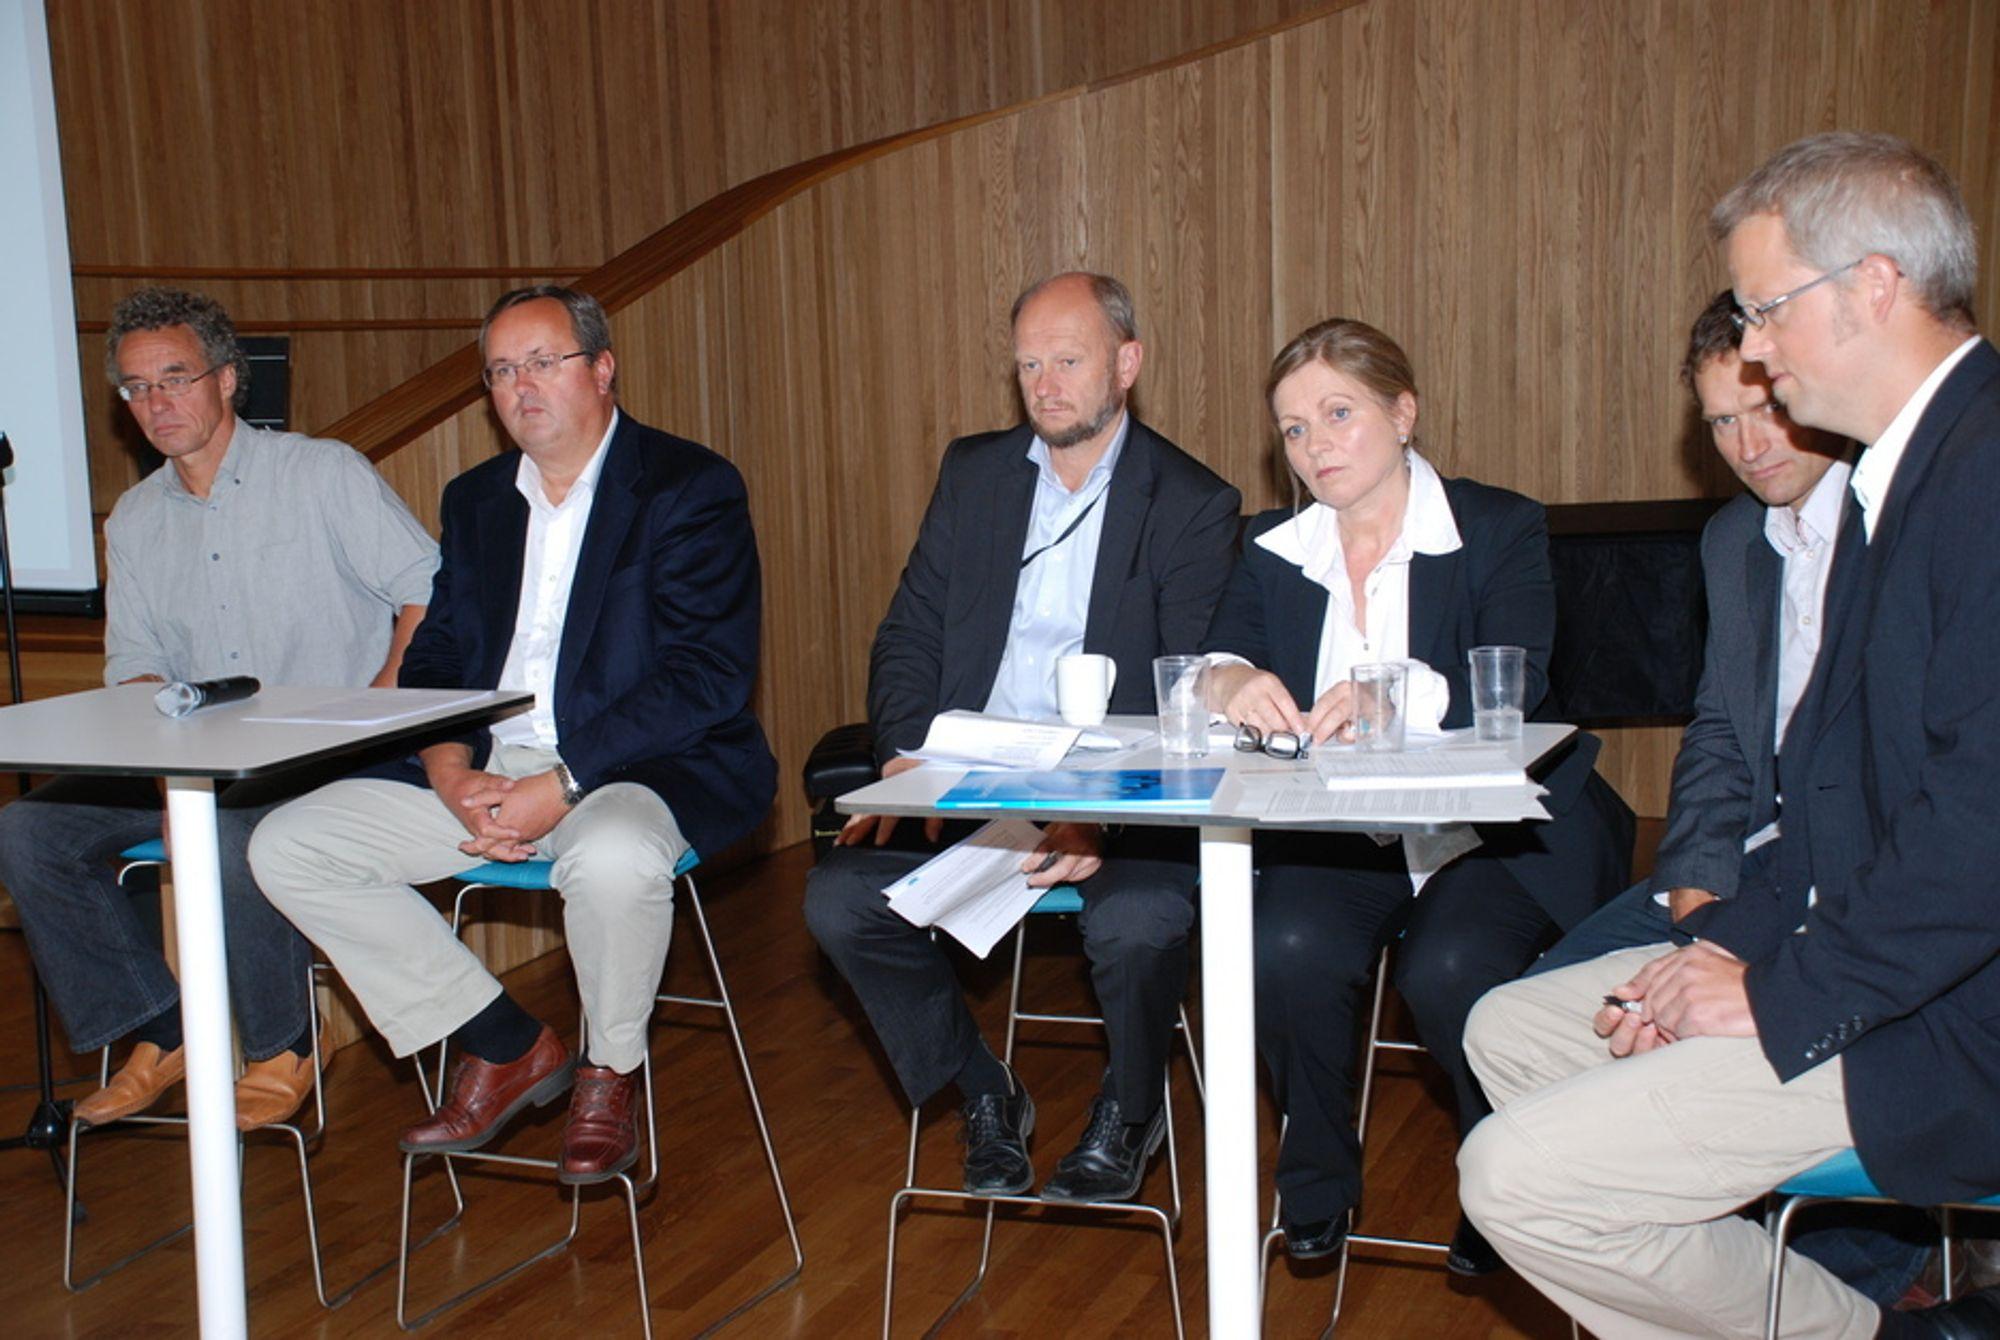 Fornybaralliansen består av Norsk Industri, Energibedriftenes Landsforening (EBL), Framtiden i våre hender, WWF Norge, Naturvernforbundet, Kirkens Nødhjelp og Forum for Utvikling og miljø. 17. august 2009 lanserte de ni klimakrav til politikerne før valget.